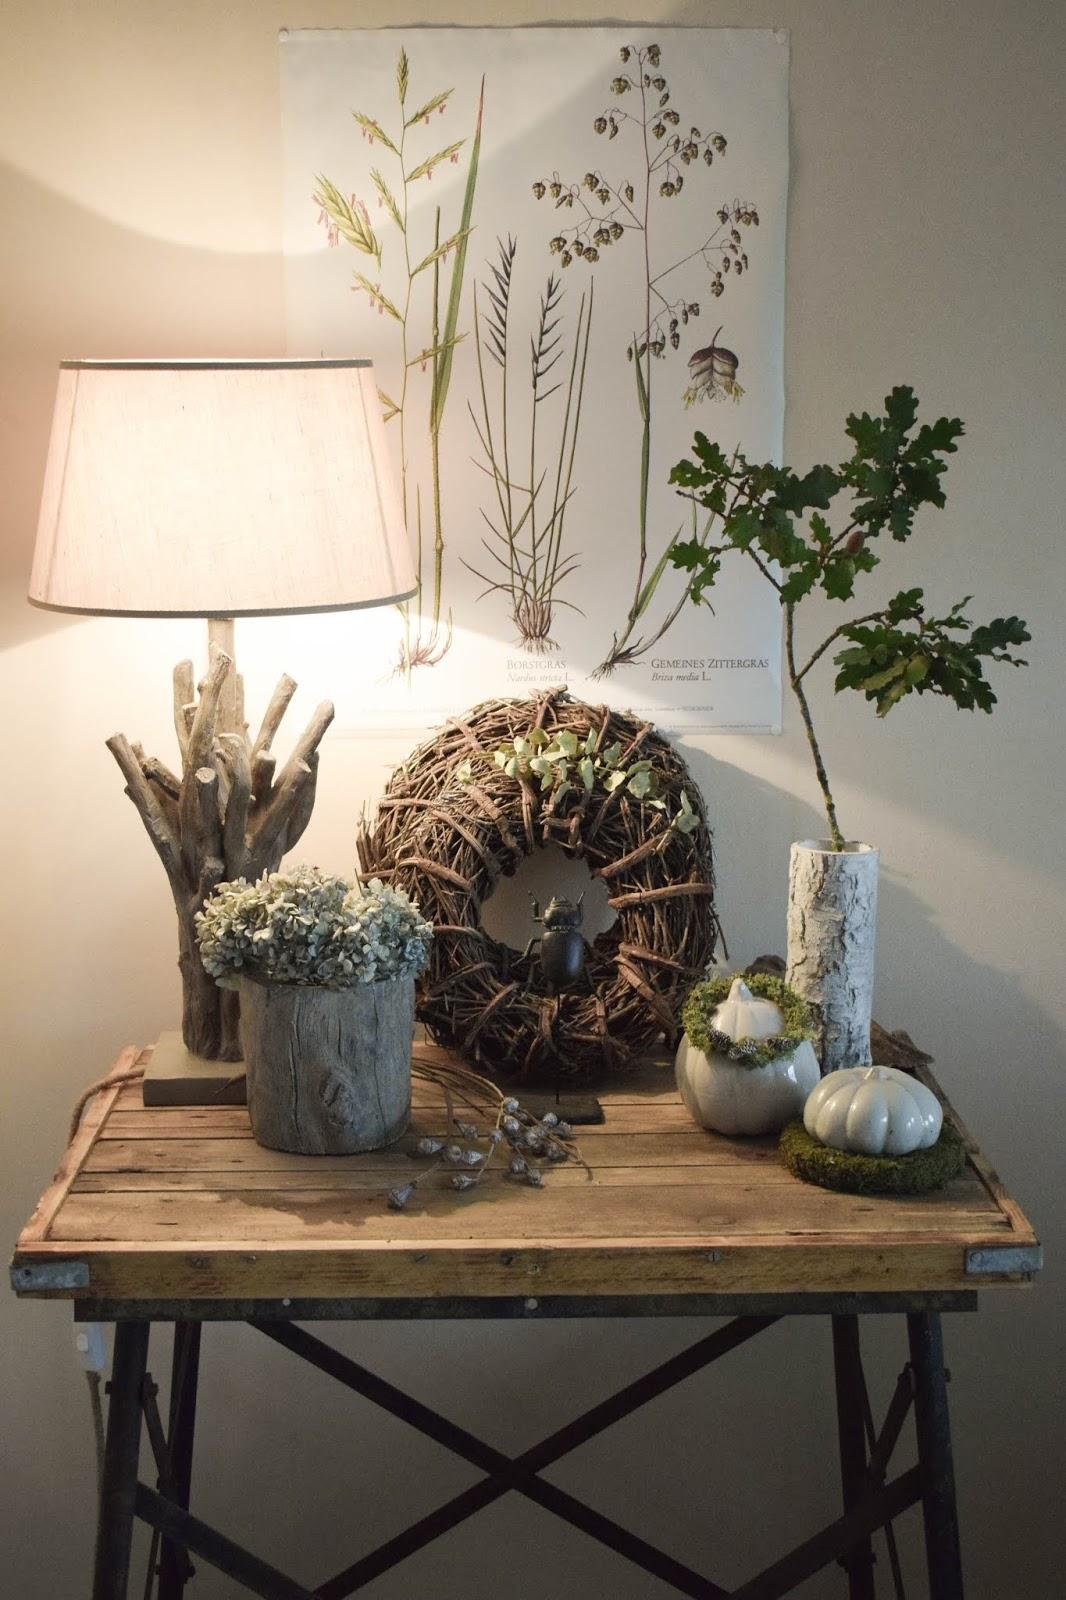 Deko Herbst für Konsole und Sideboard mit Eicheln. Herbstdeko Dekoidee Wohnzimmer Dekoration eiche eicheln botanisch natuerlich dekorieren 7